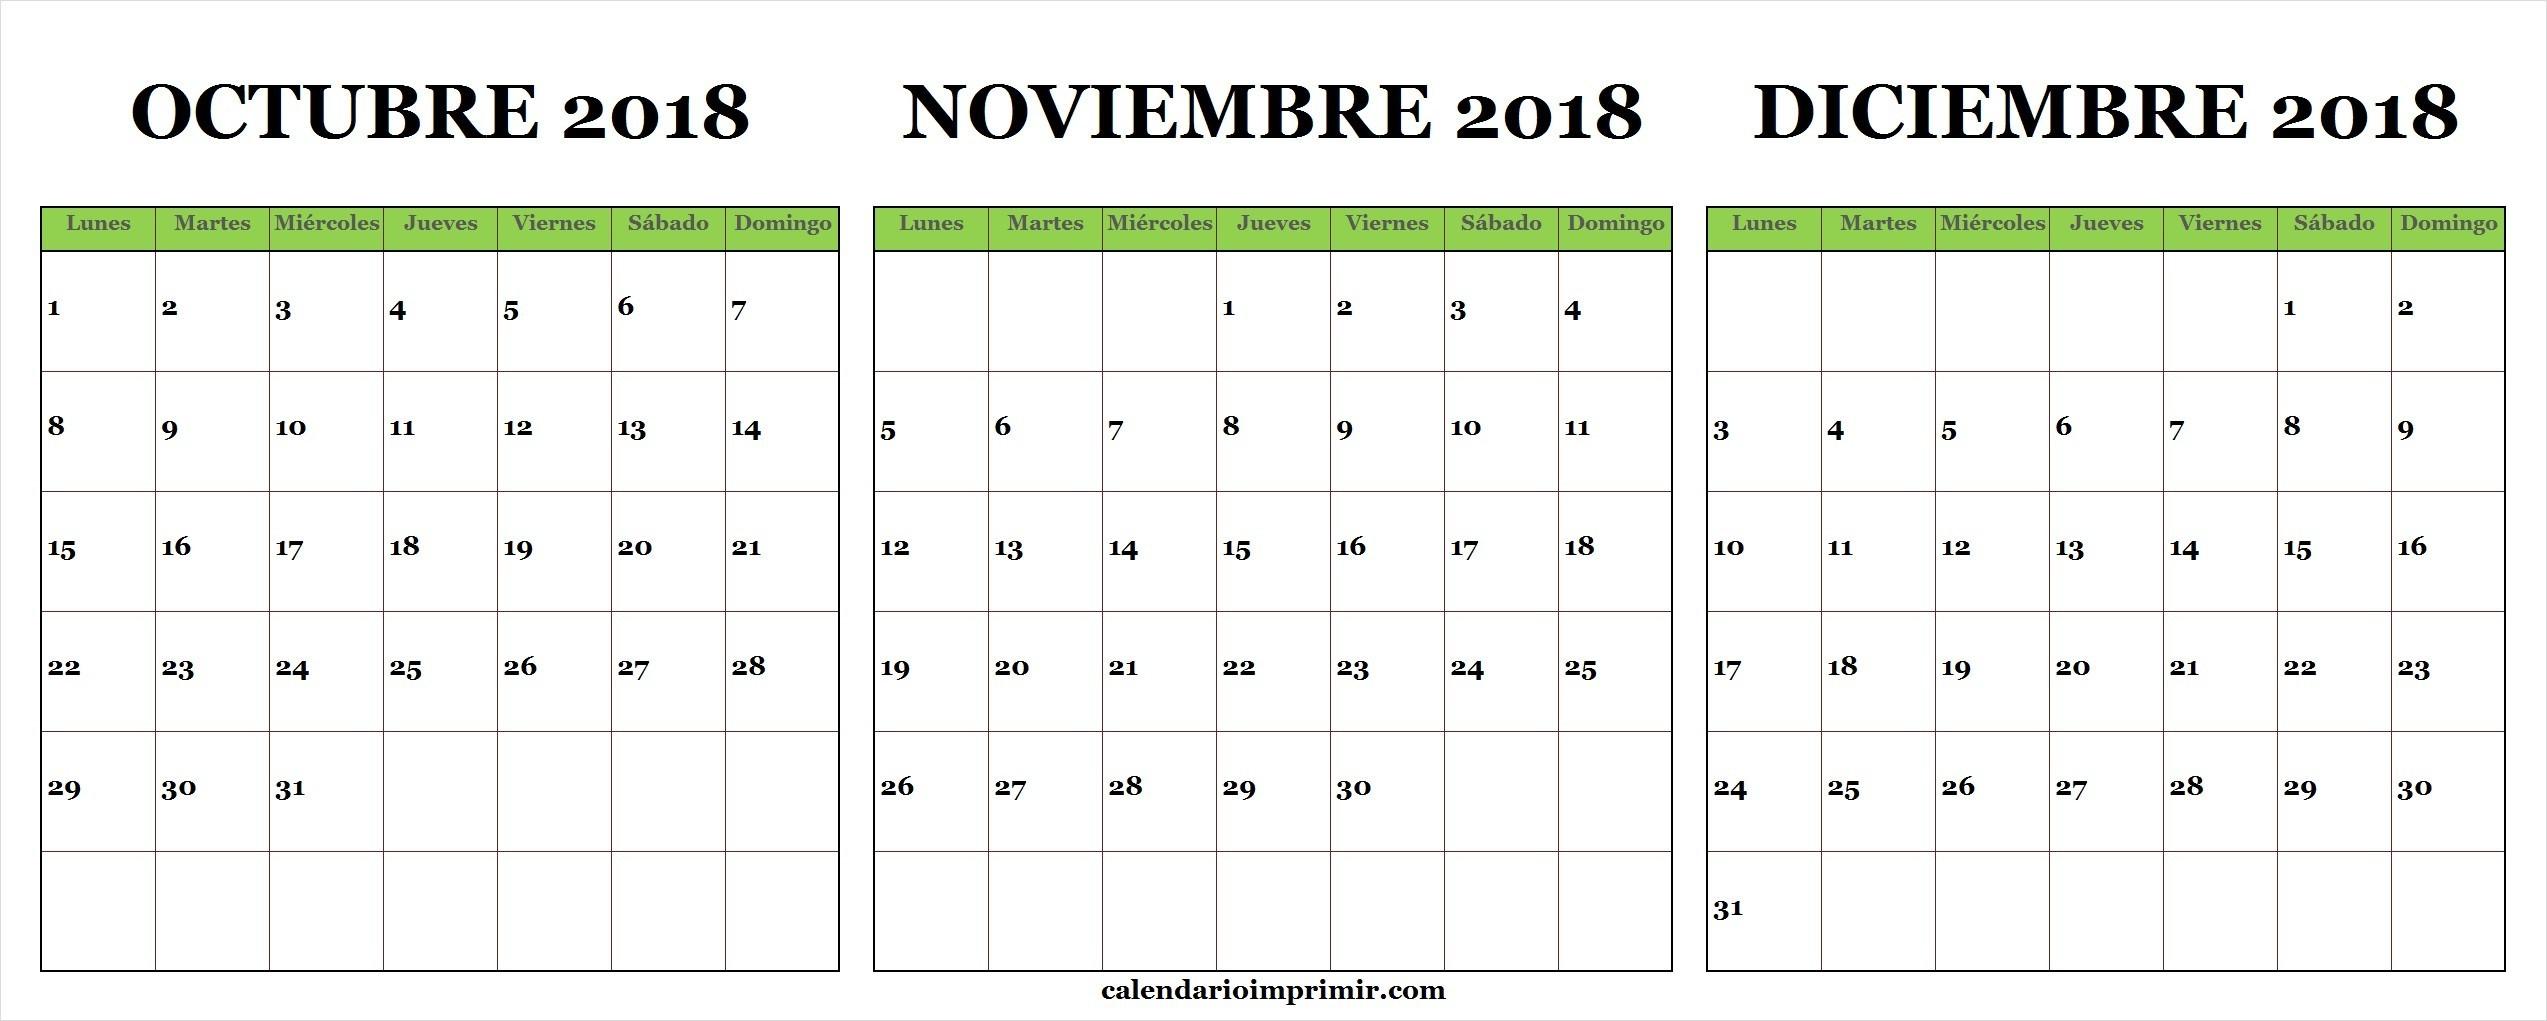 Calendario Agosto 2019 Para Imprimir Más Reciente Best Calendario Mes De Octubre Y Noviembre 2018 Image Collection